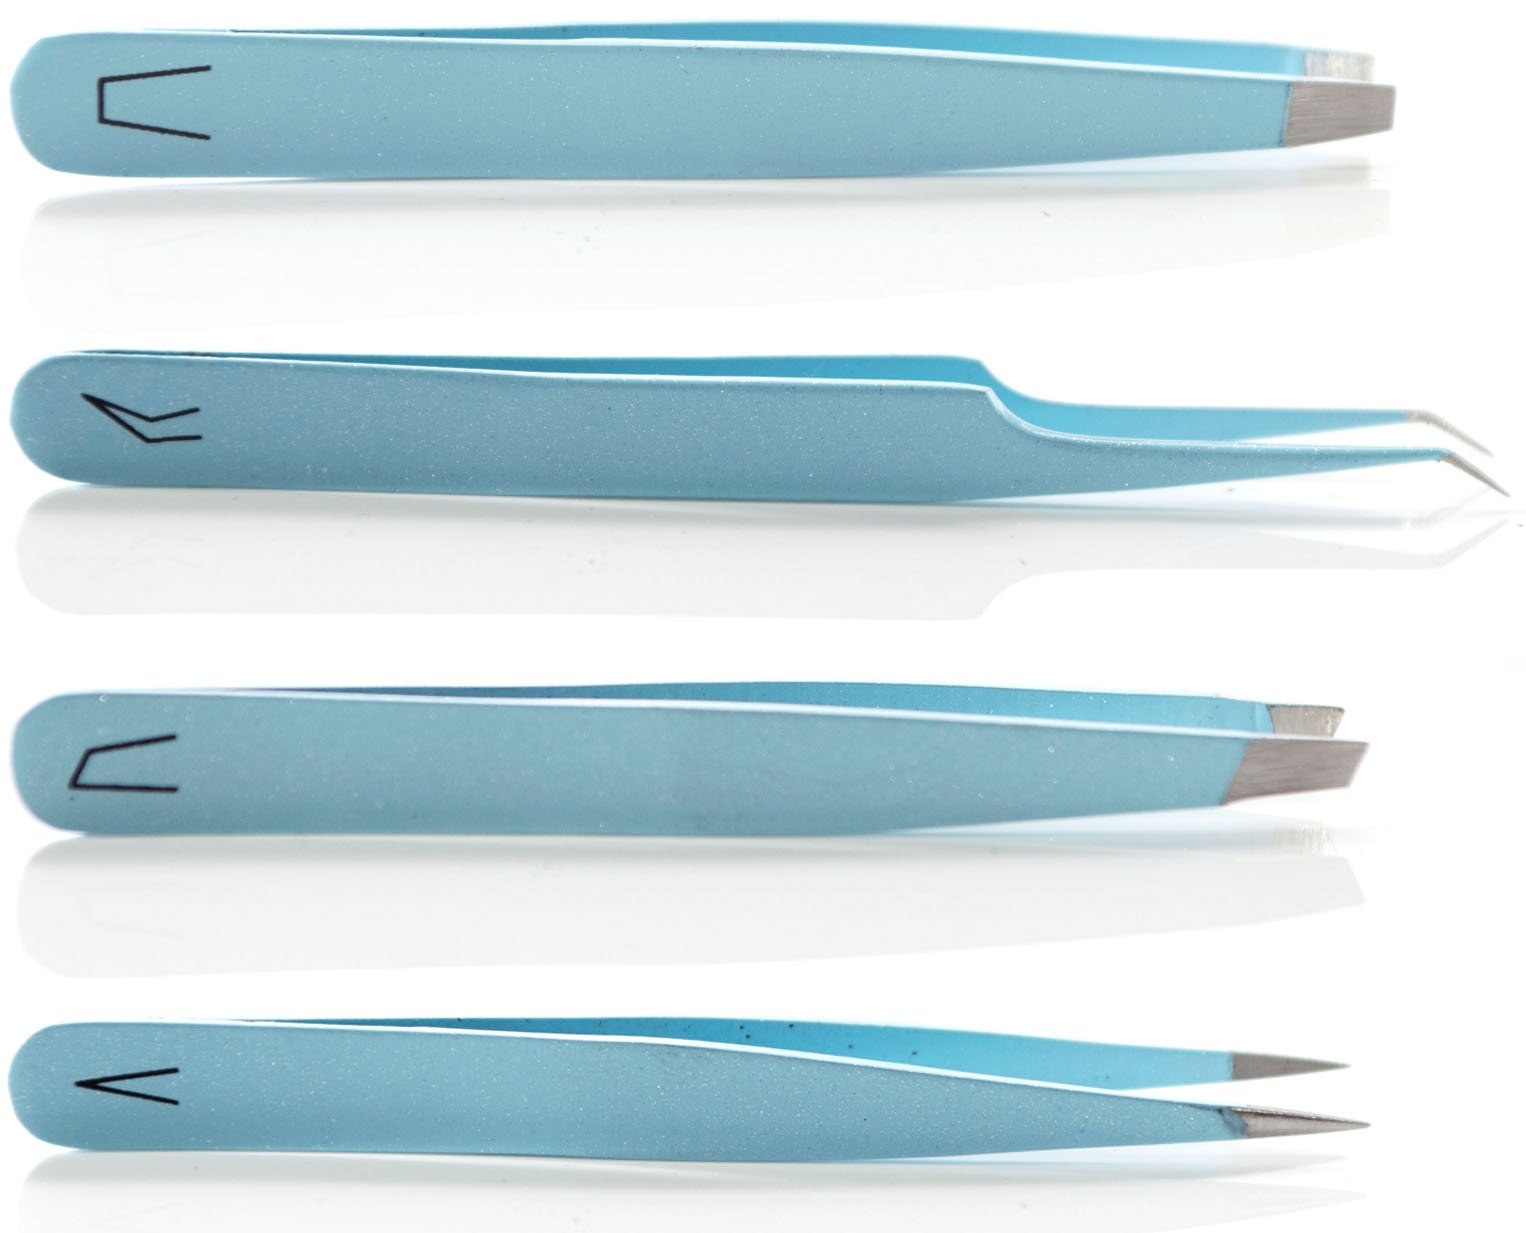 Professional Tweezer Pack- 4 Tweezers Set- Ingrown Hair Remover Treatment. Premium Eyebrow Shaper. Tweezers With Case.